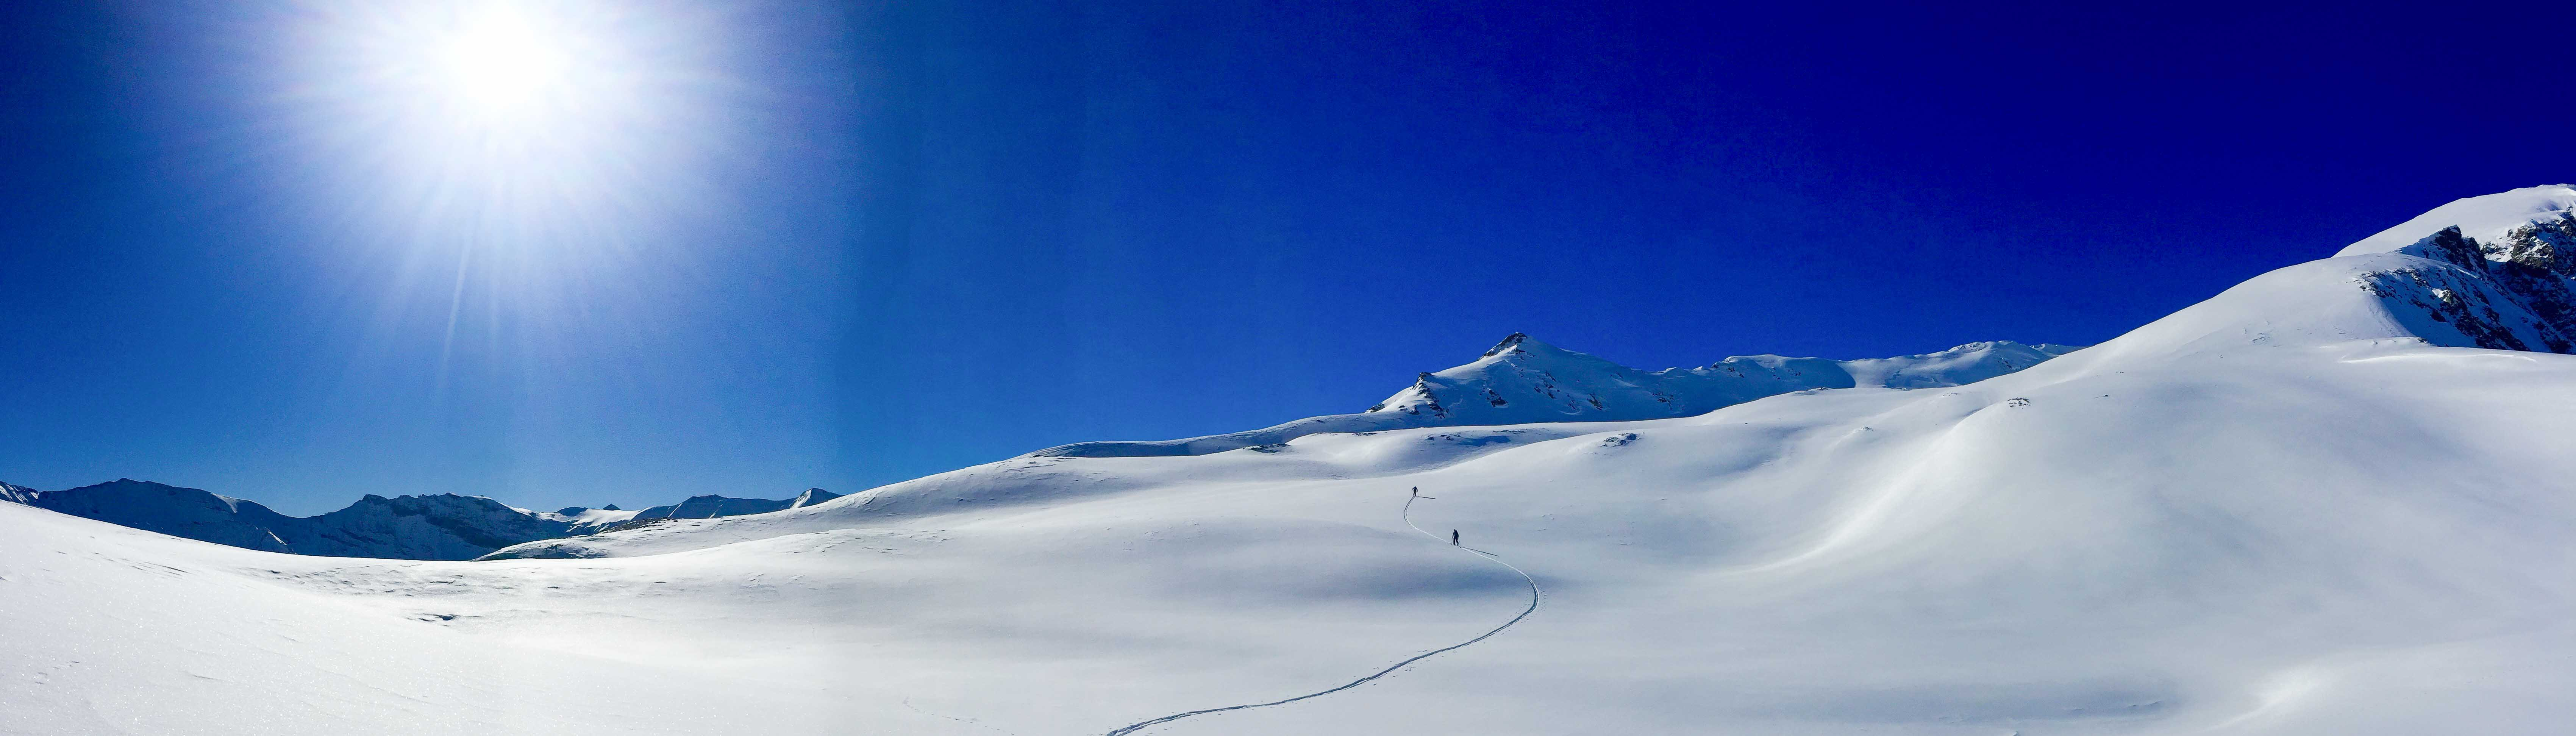 Skitourenkurs Anfänger